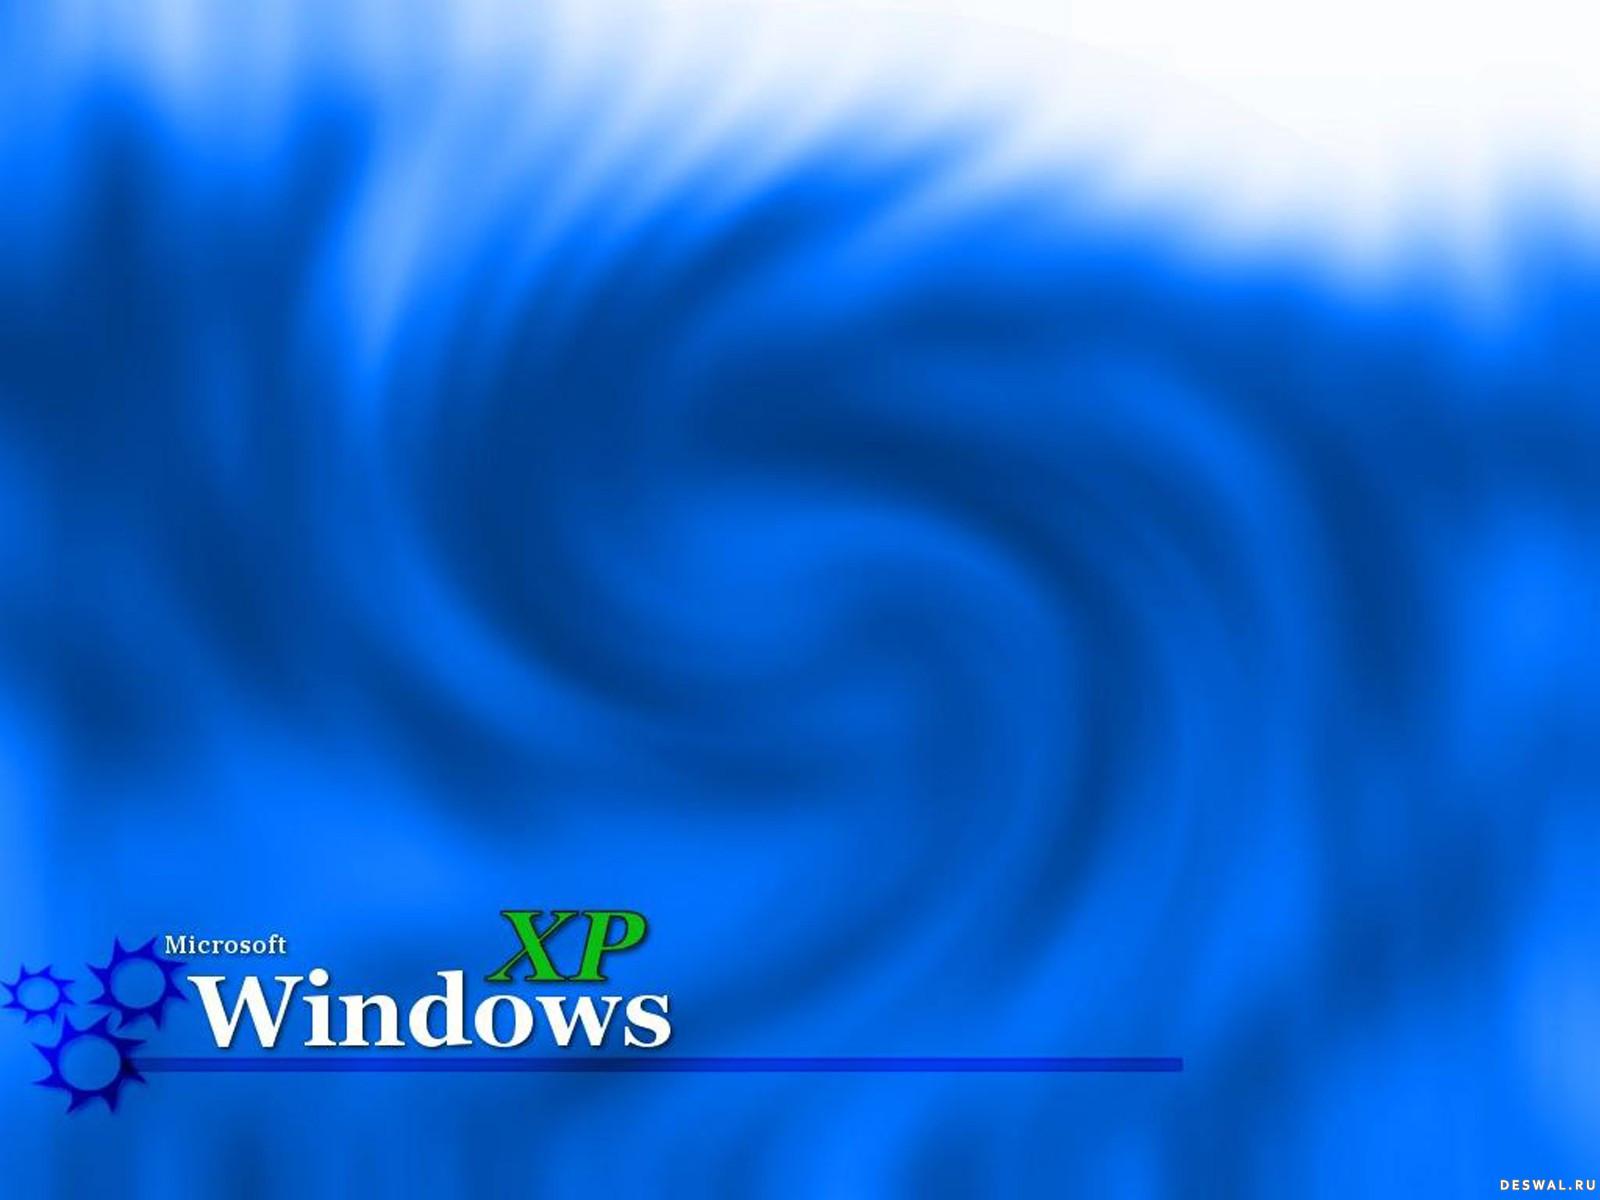 Фото 1. Нажмите на картинку с обоями windows, чтобы просмотреть ее в реальном размере